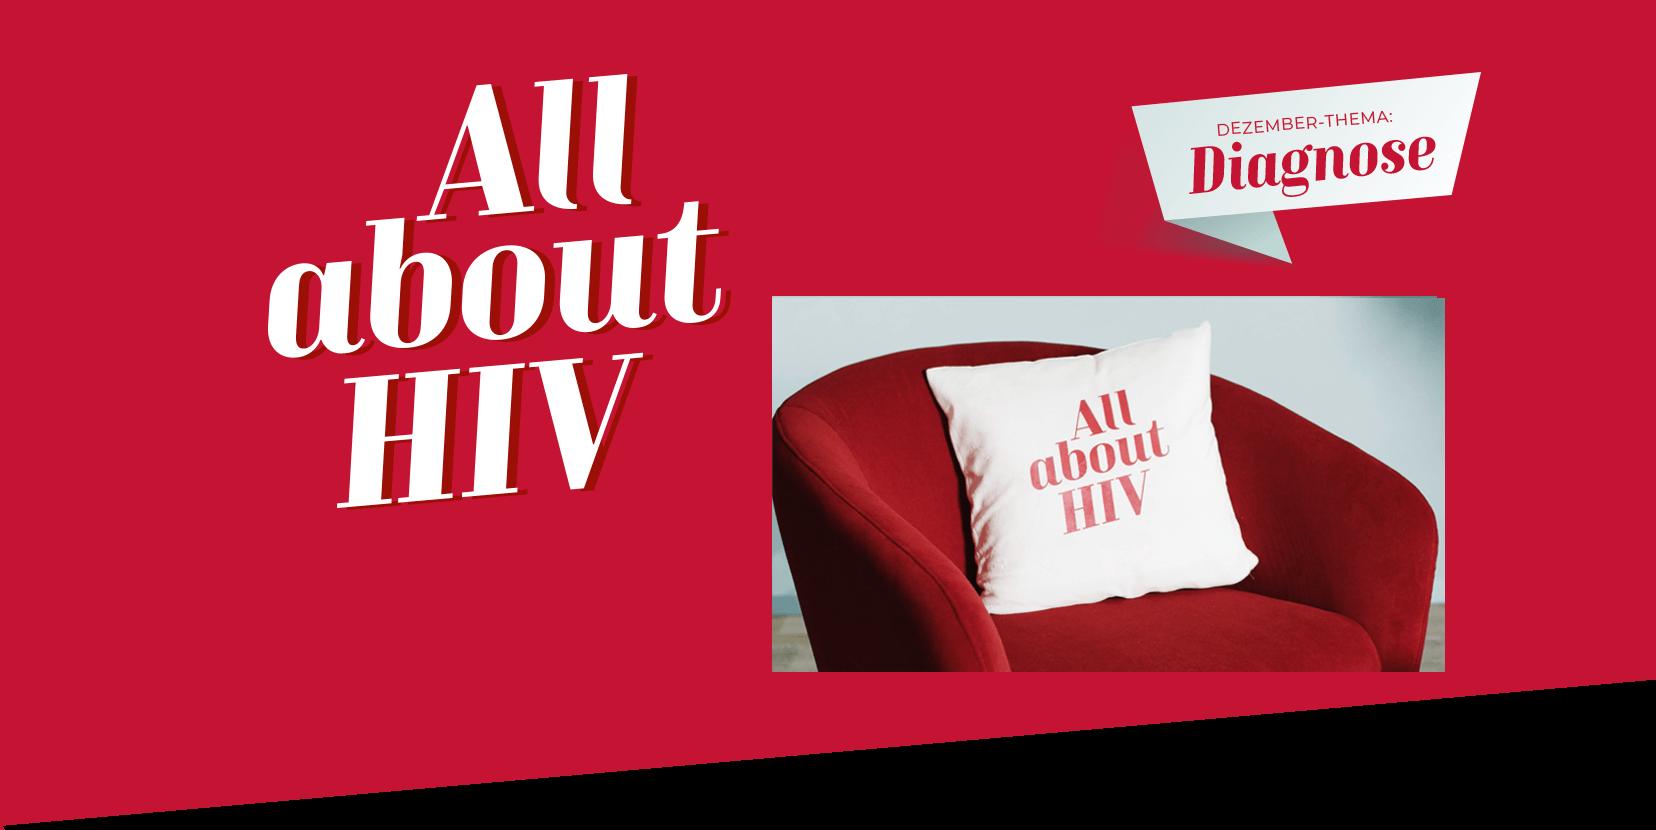 Kondom geplatzt hiv